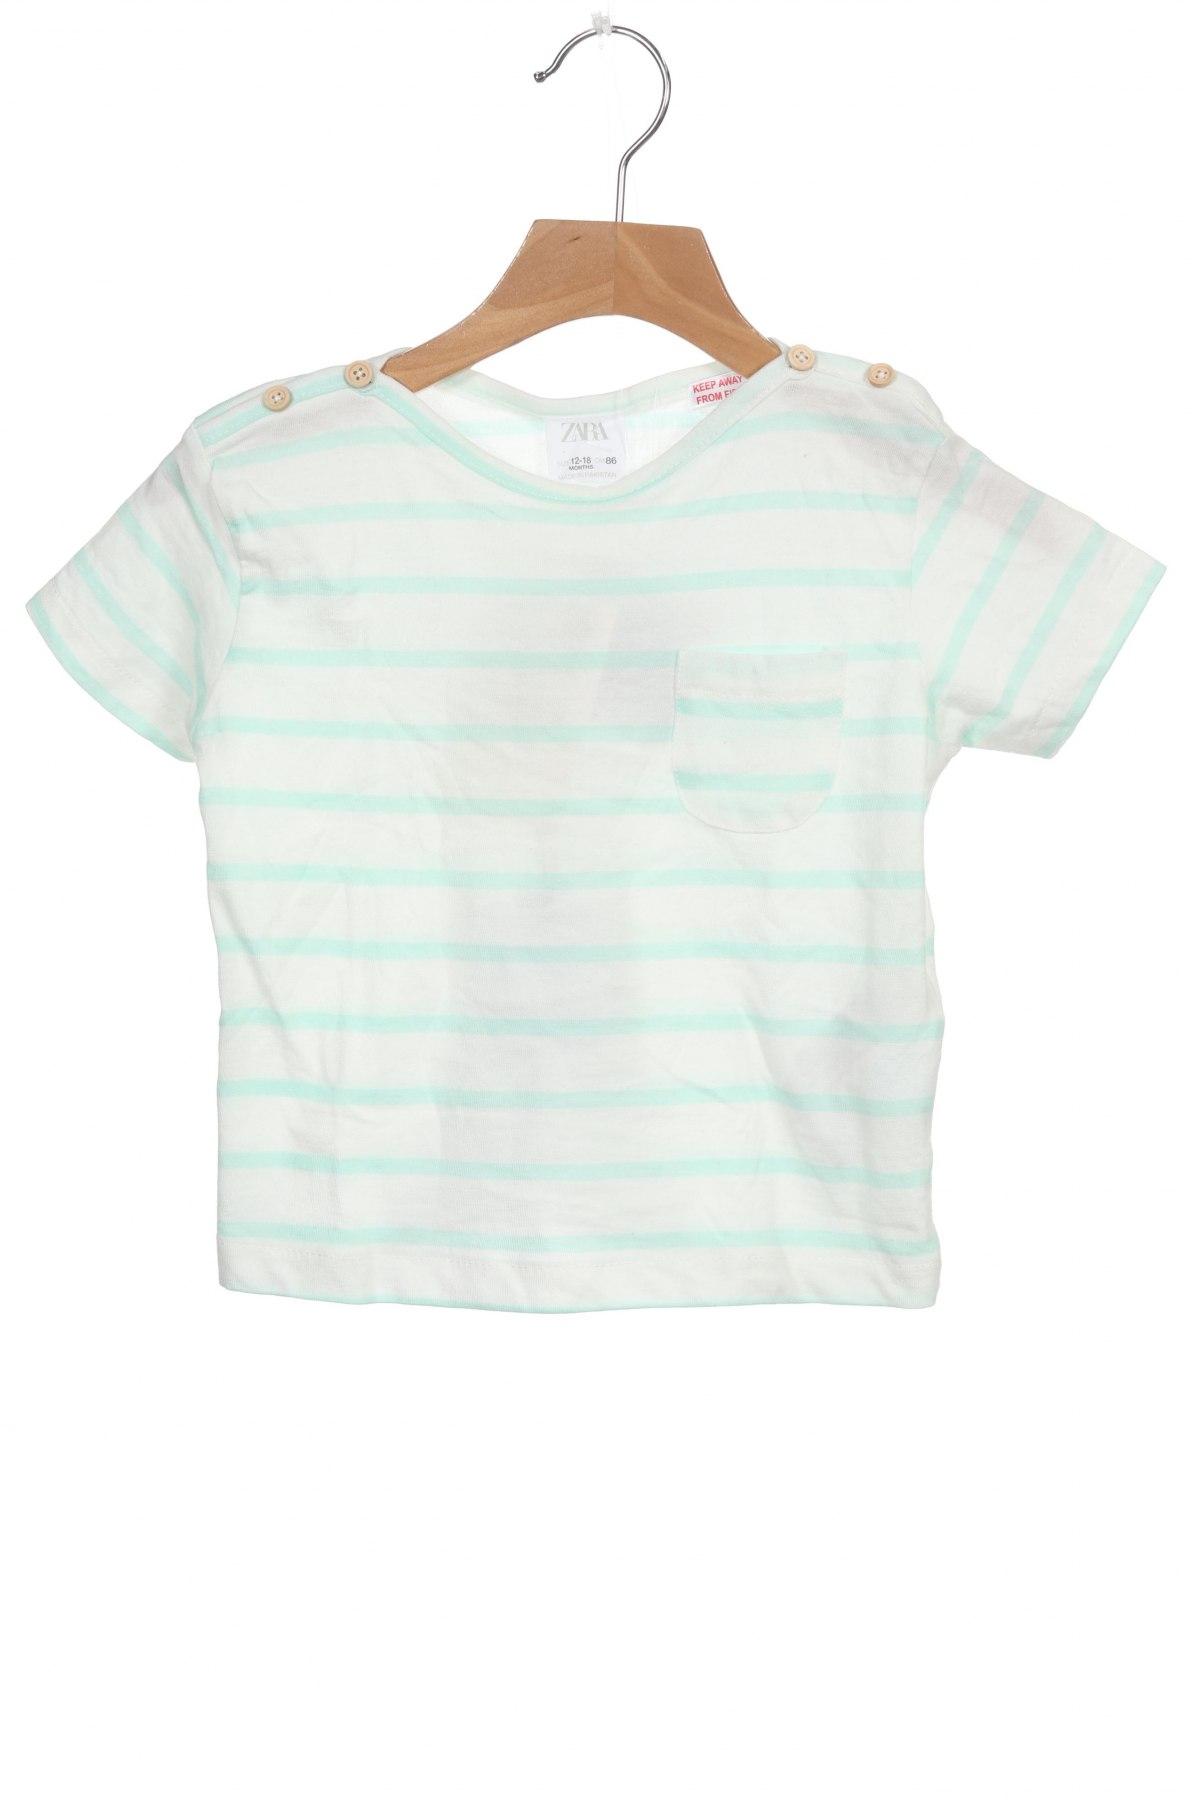 Παιδική μπλούζα Zara, Μέγεθος 12-18m/ 80-86 εκ., Χρώμα Λευκό, Βαμβάκι, Τιμή 12,37€